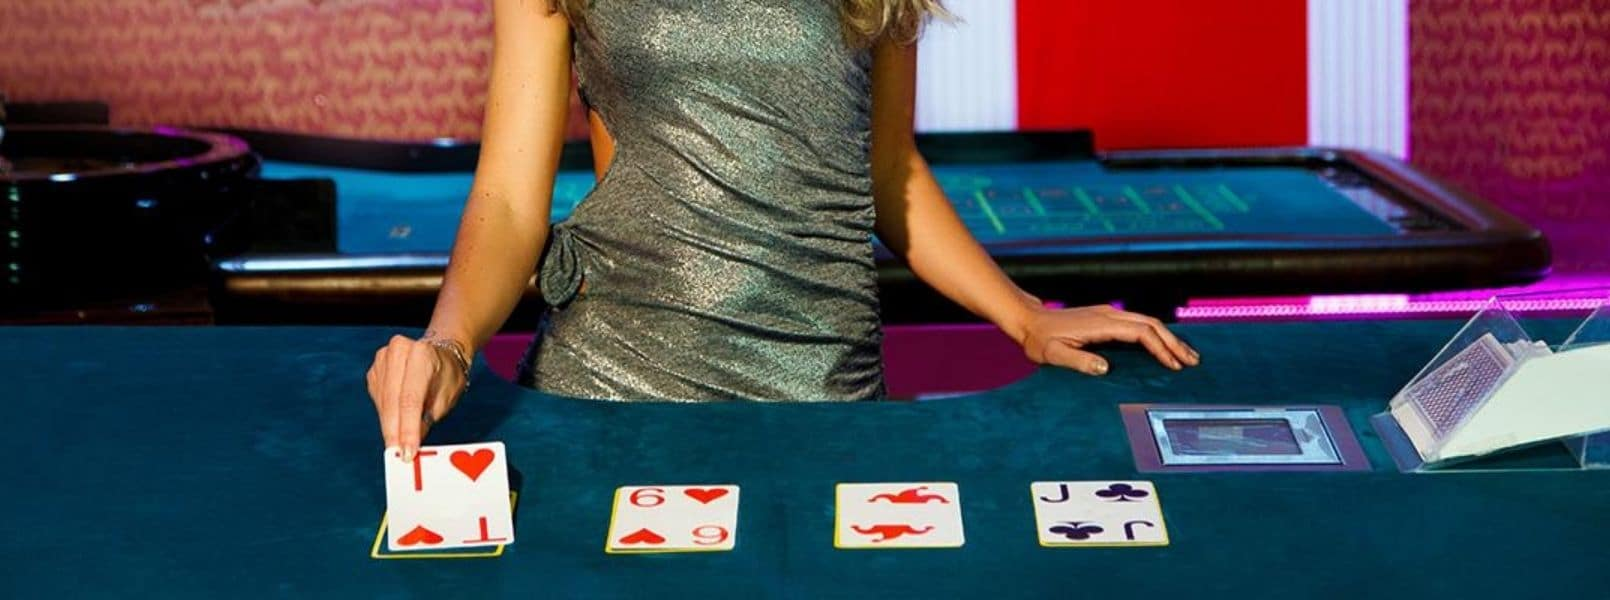 joaca jocuri live la princess casino live